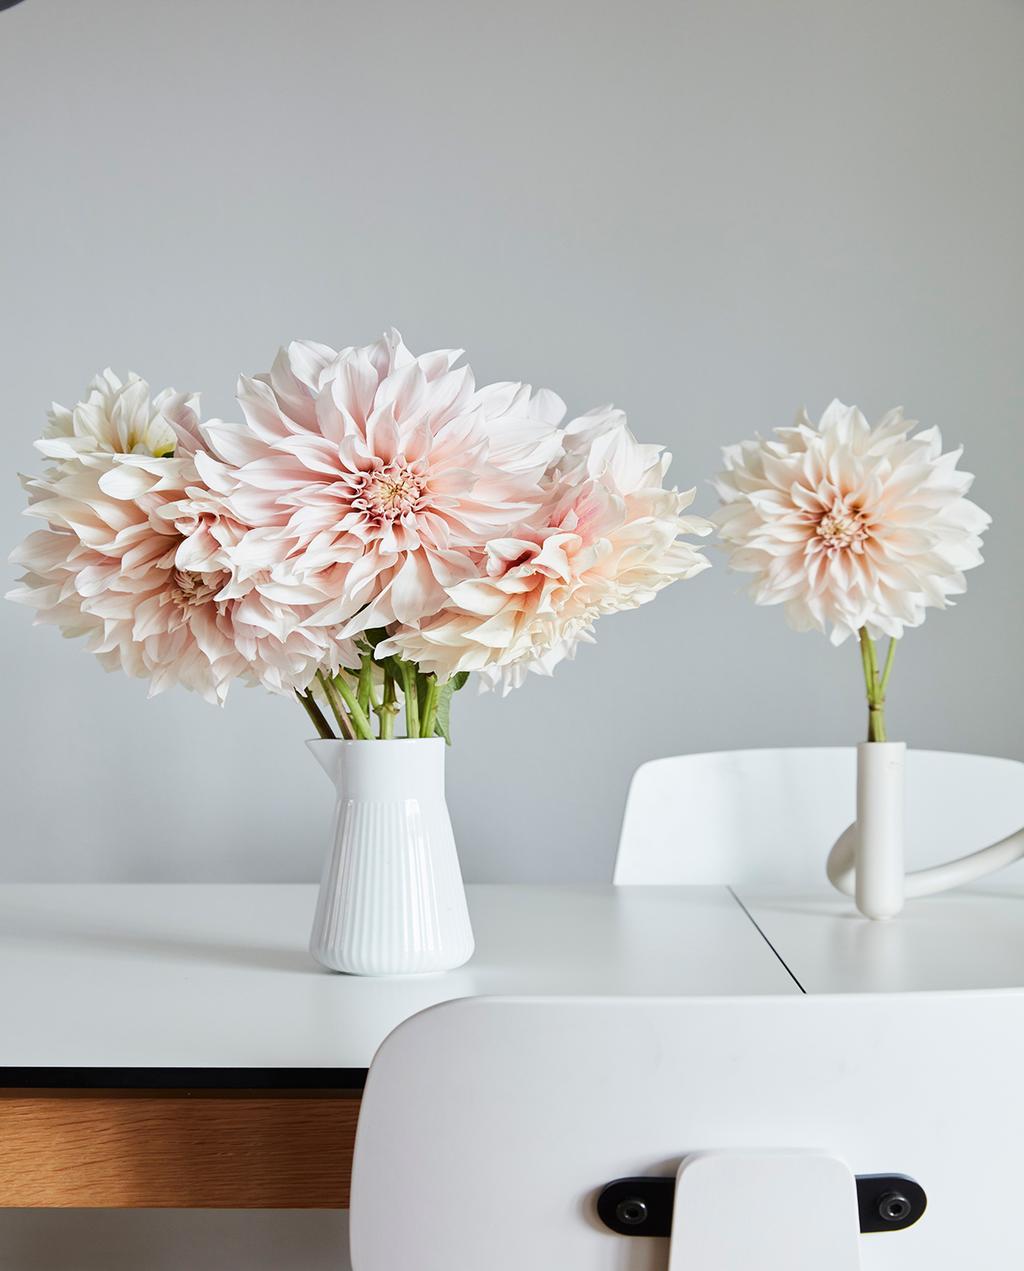 vtwonen 02-2021 | bloemen in witte vaas